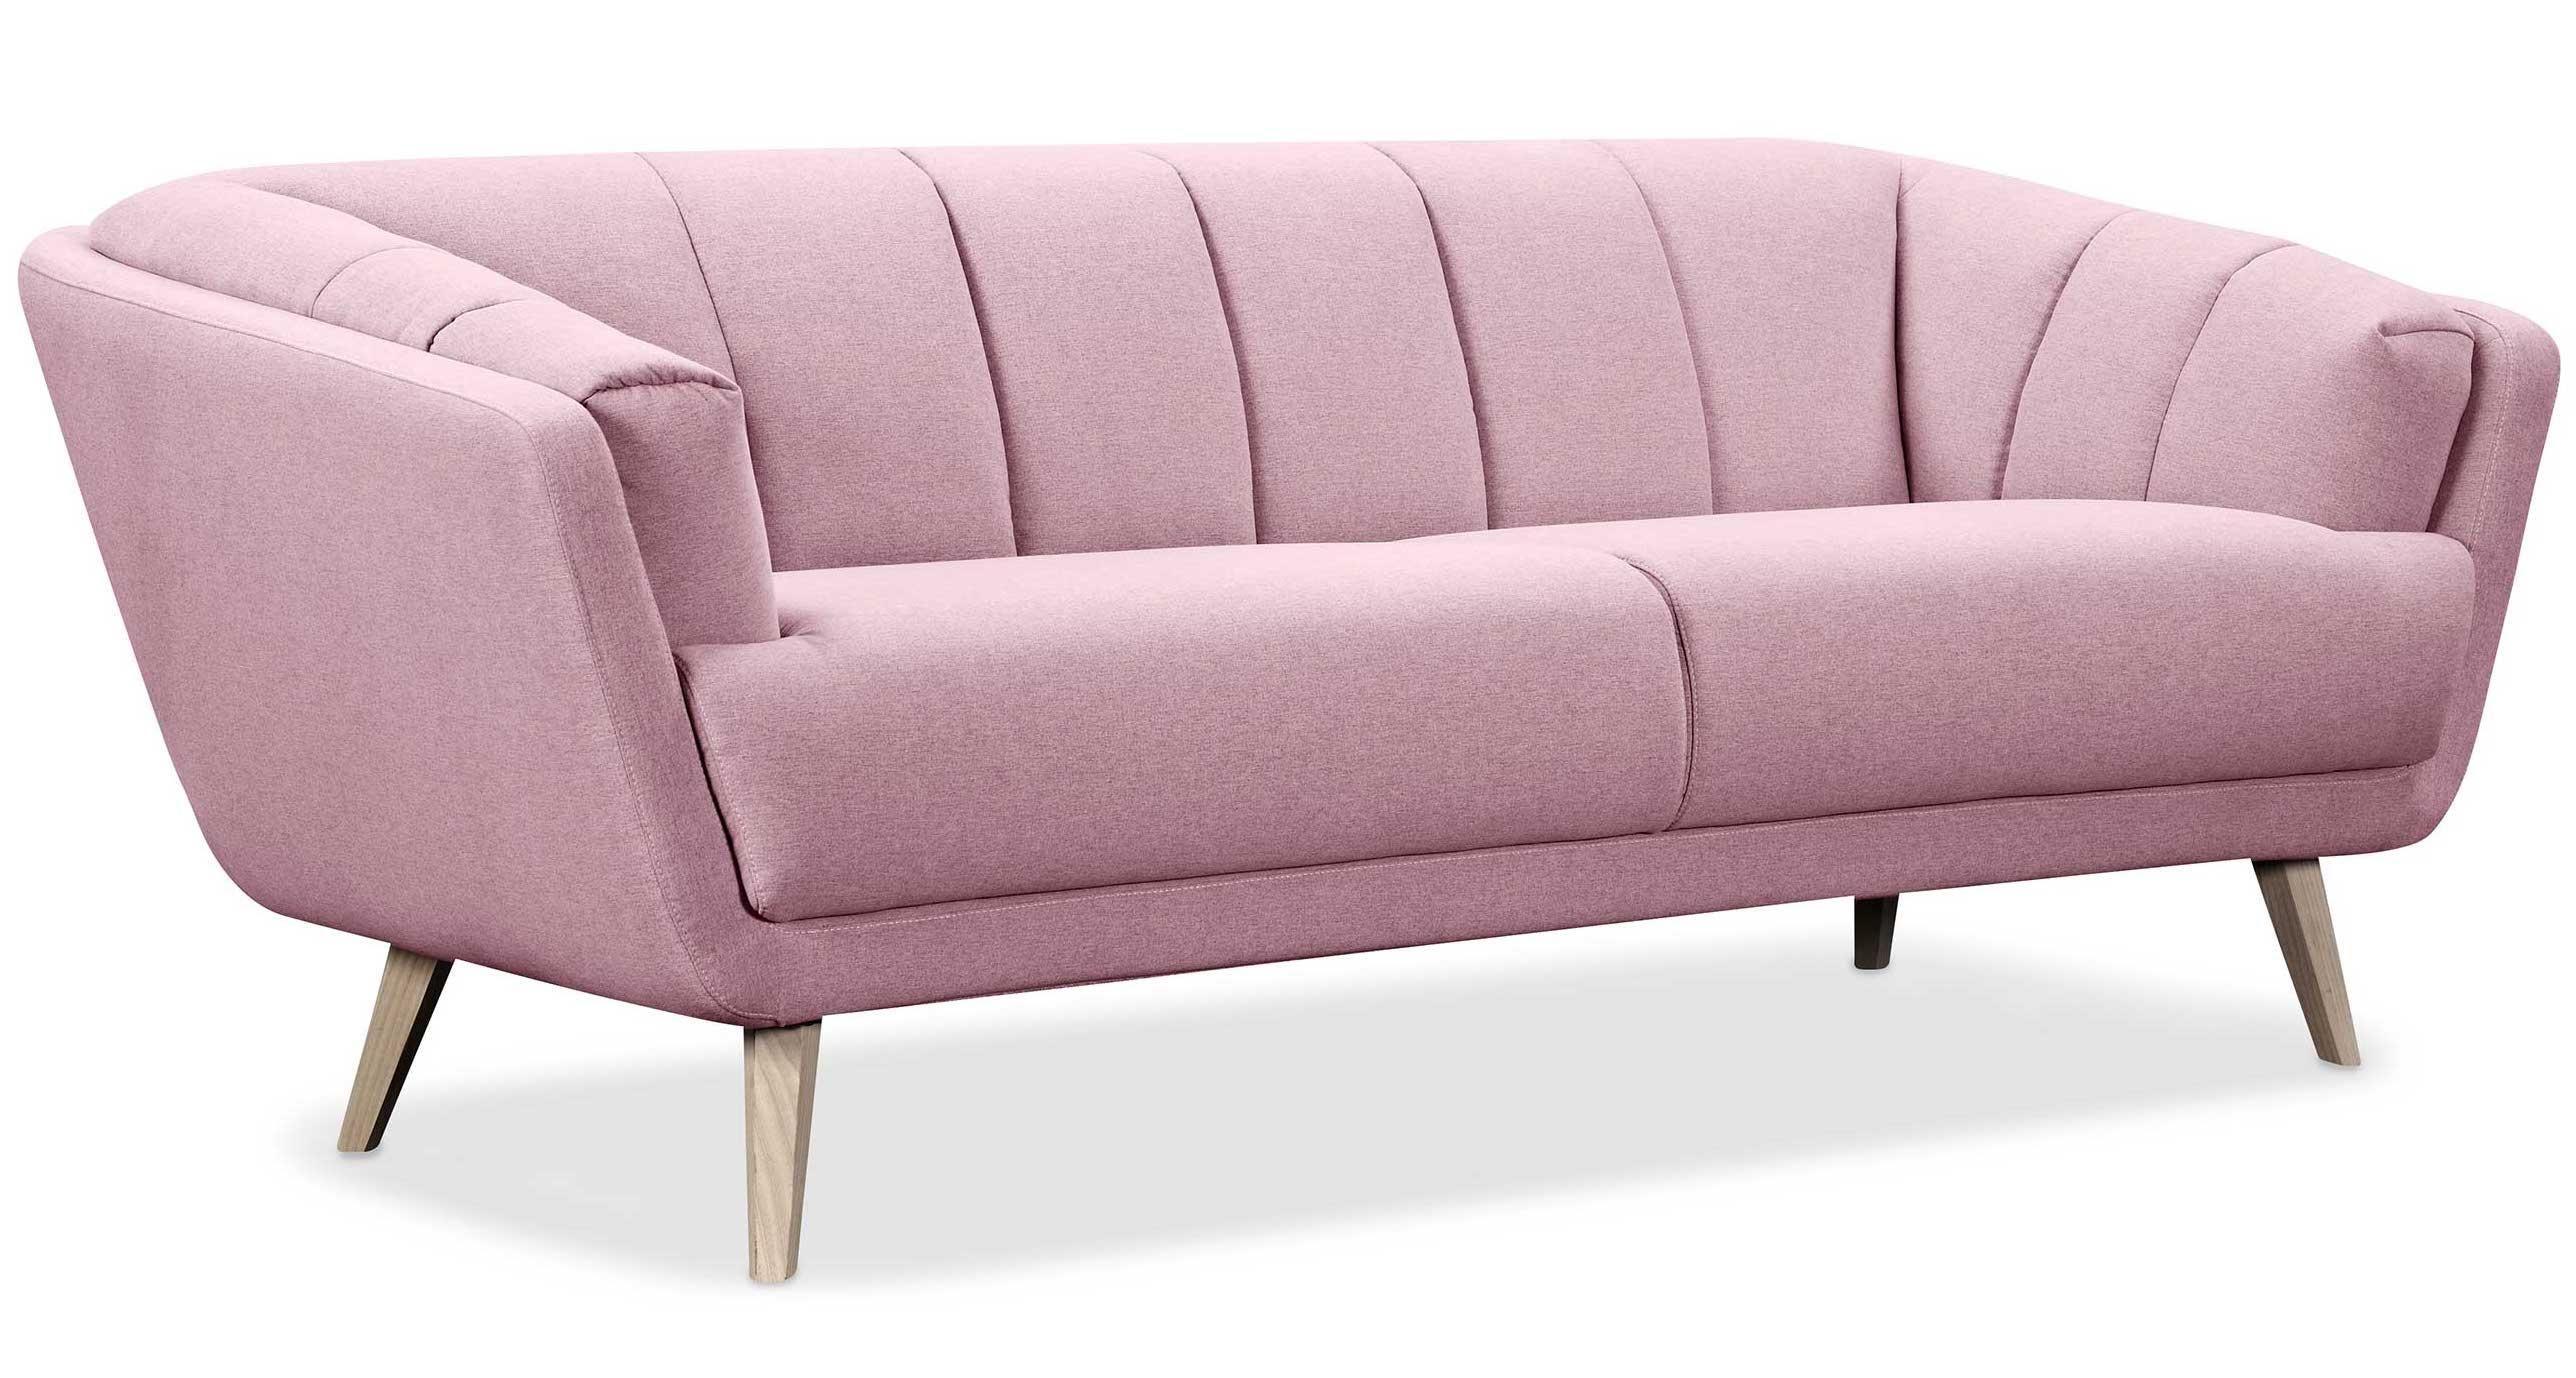 une ambiance scandinave votre salon avec ce canap nordique rose clair 3 places de la - Canape Nordique